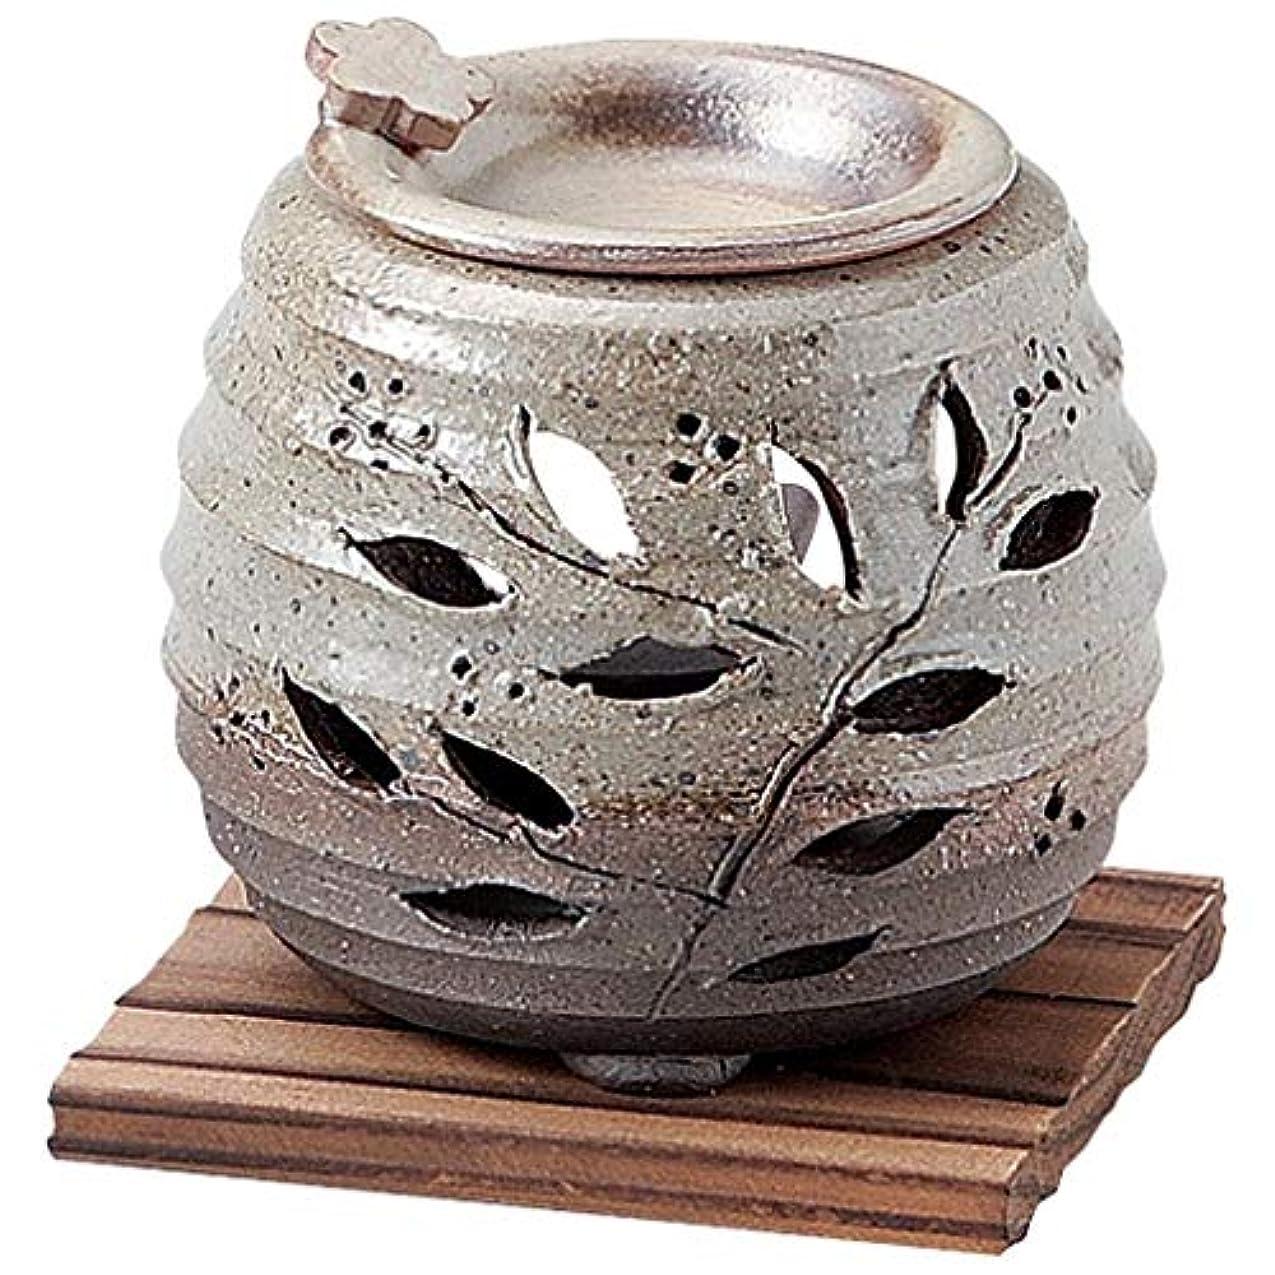 パールパーセント一人でお部屋の消臭に!■常滑焼【茶香炉】石龍作 緑灰釉花茶香炉(板付)